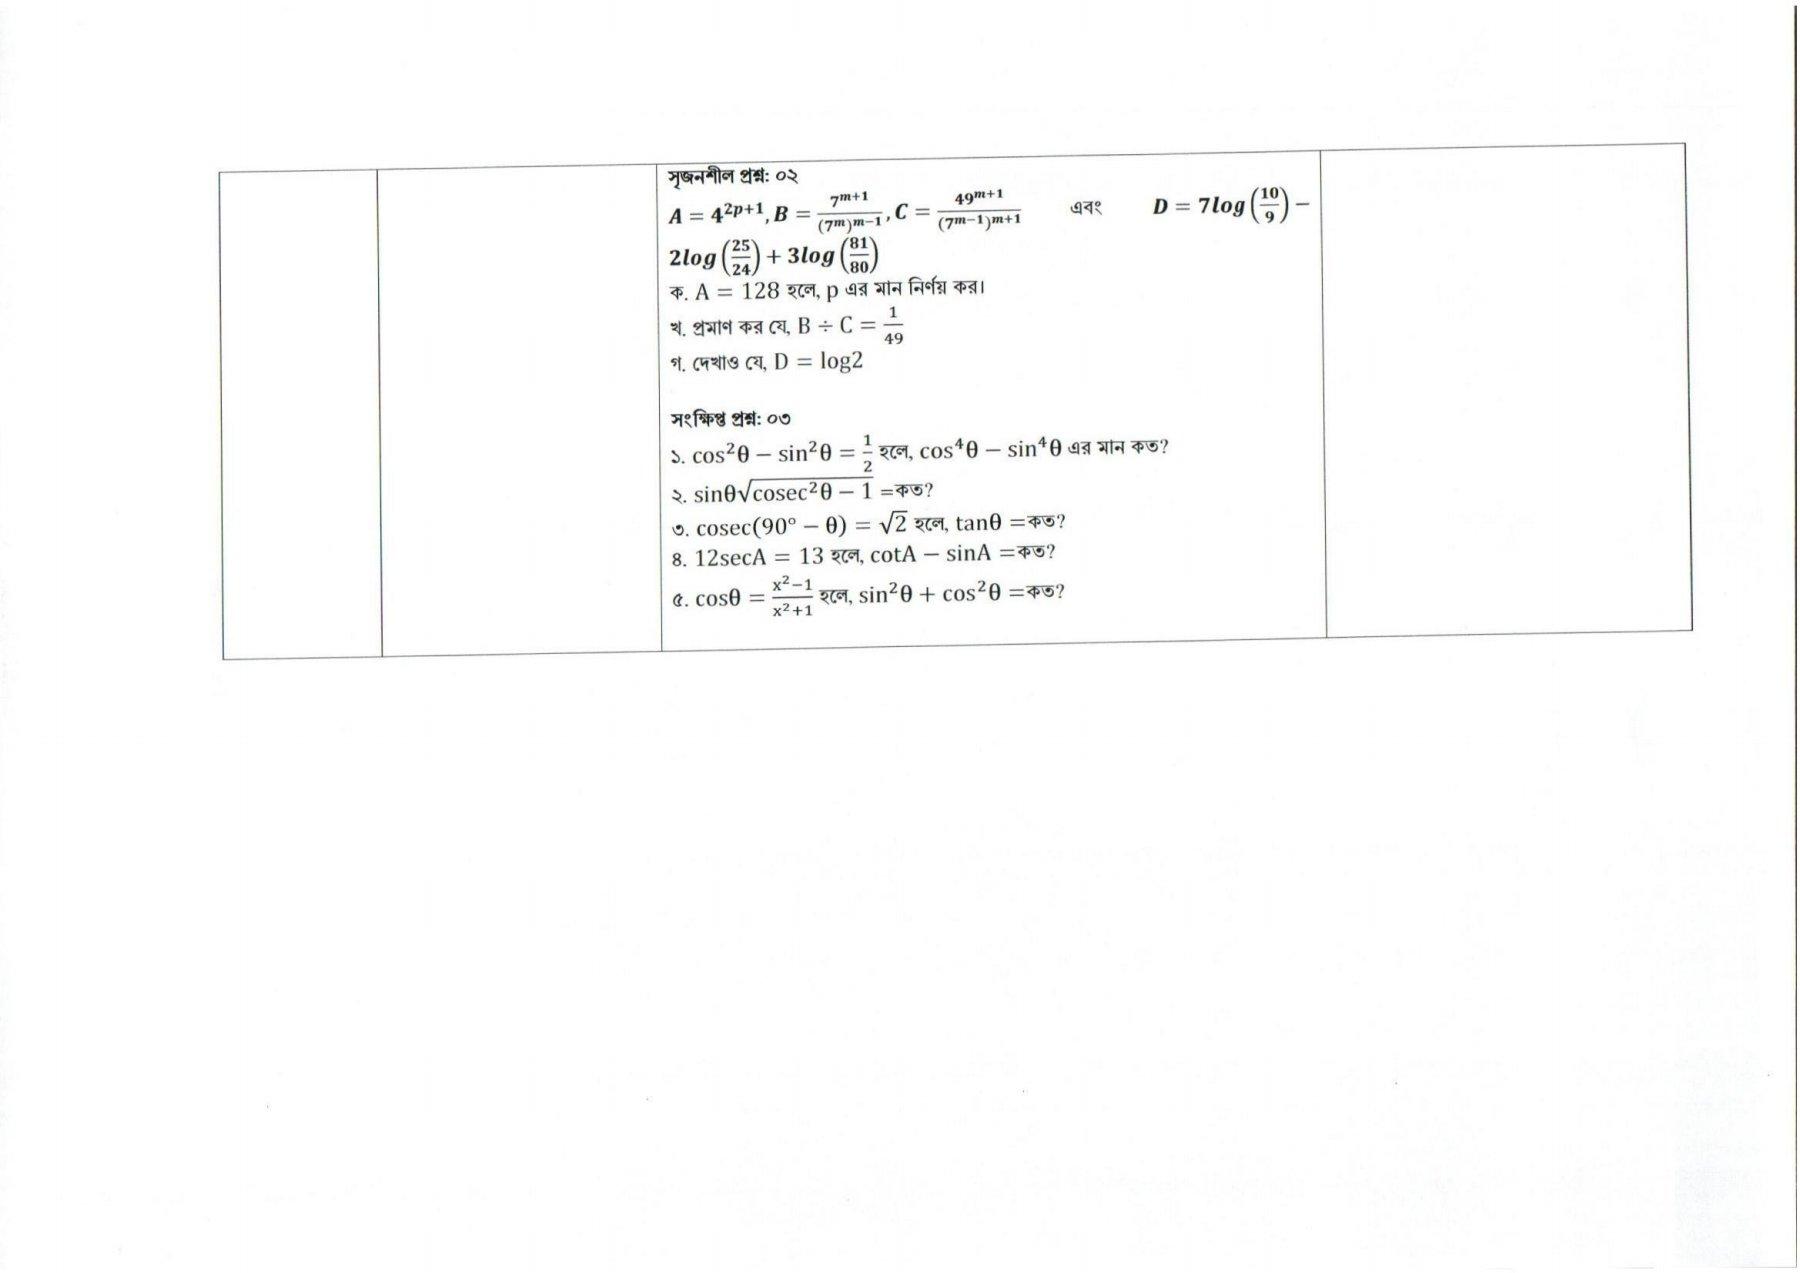 ষষ্ঠ সপ্তাহের নবম/৯ম শ্রেণীর গণিত এসাইনমেন্ট প্রশ্ন ও সমাধান